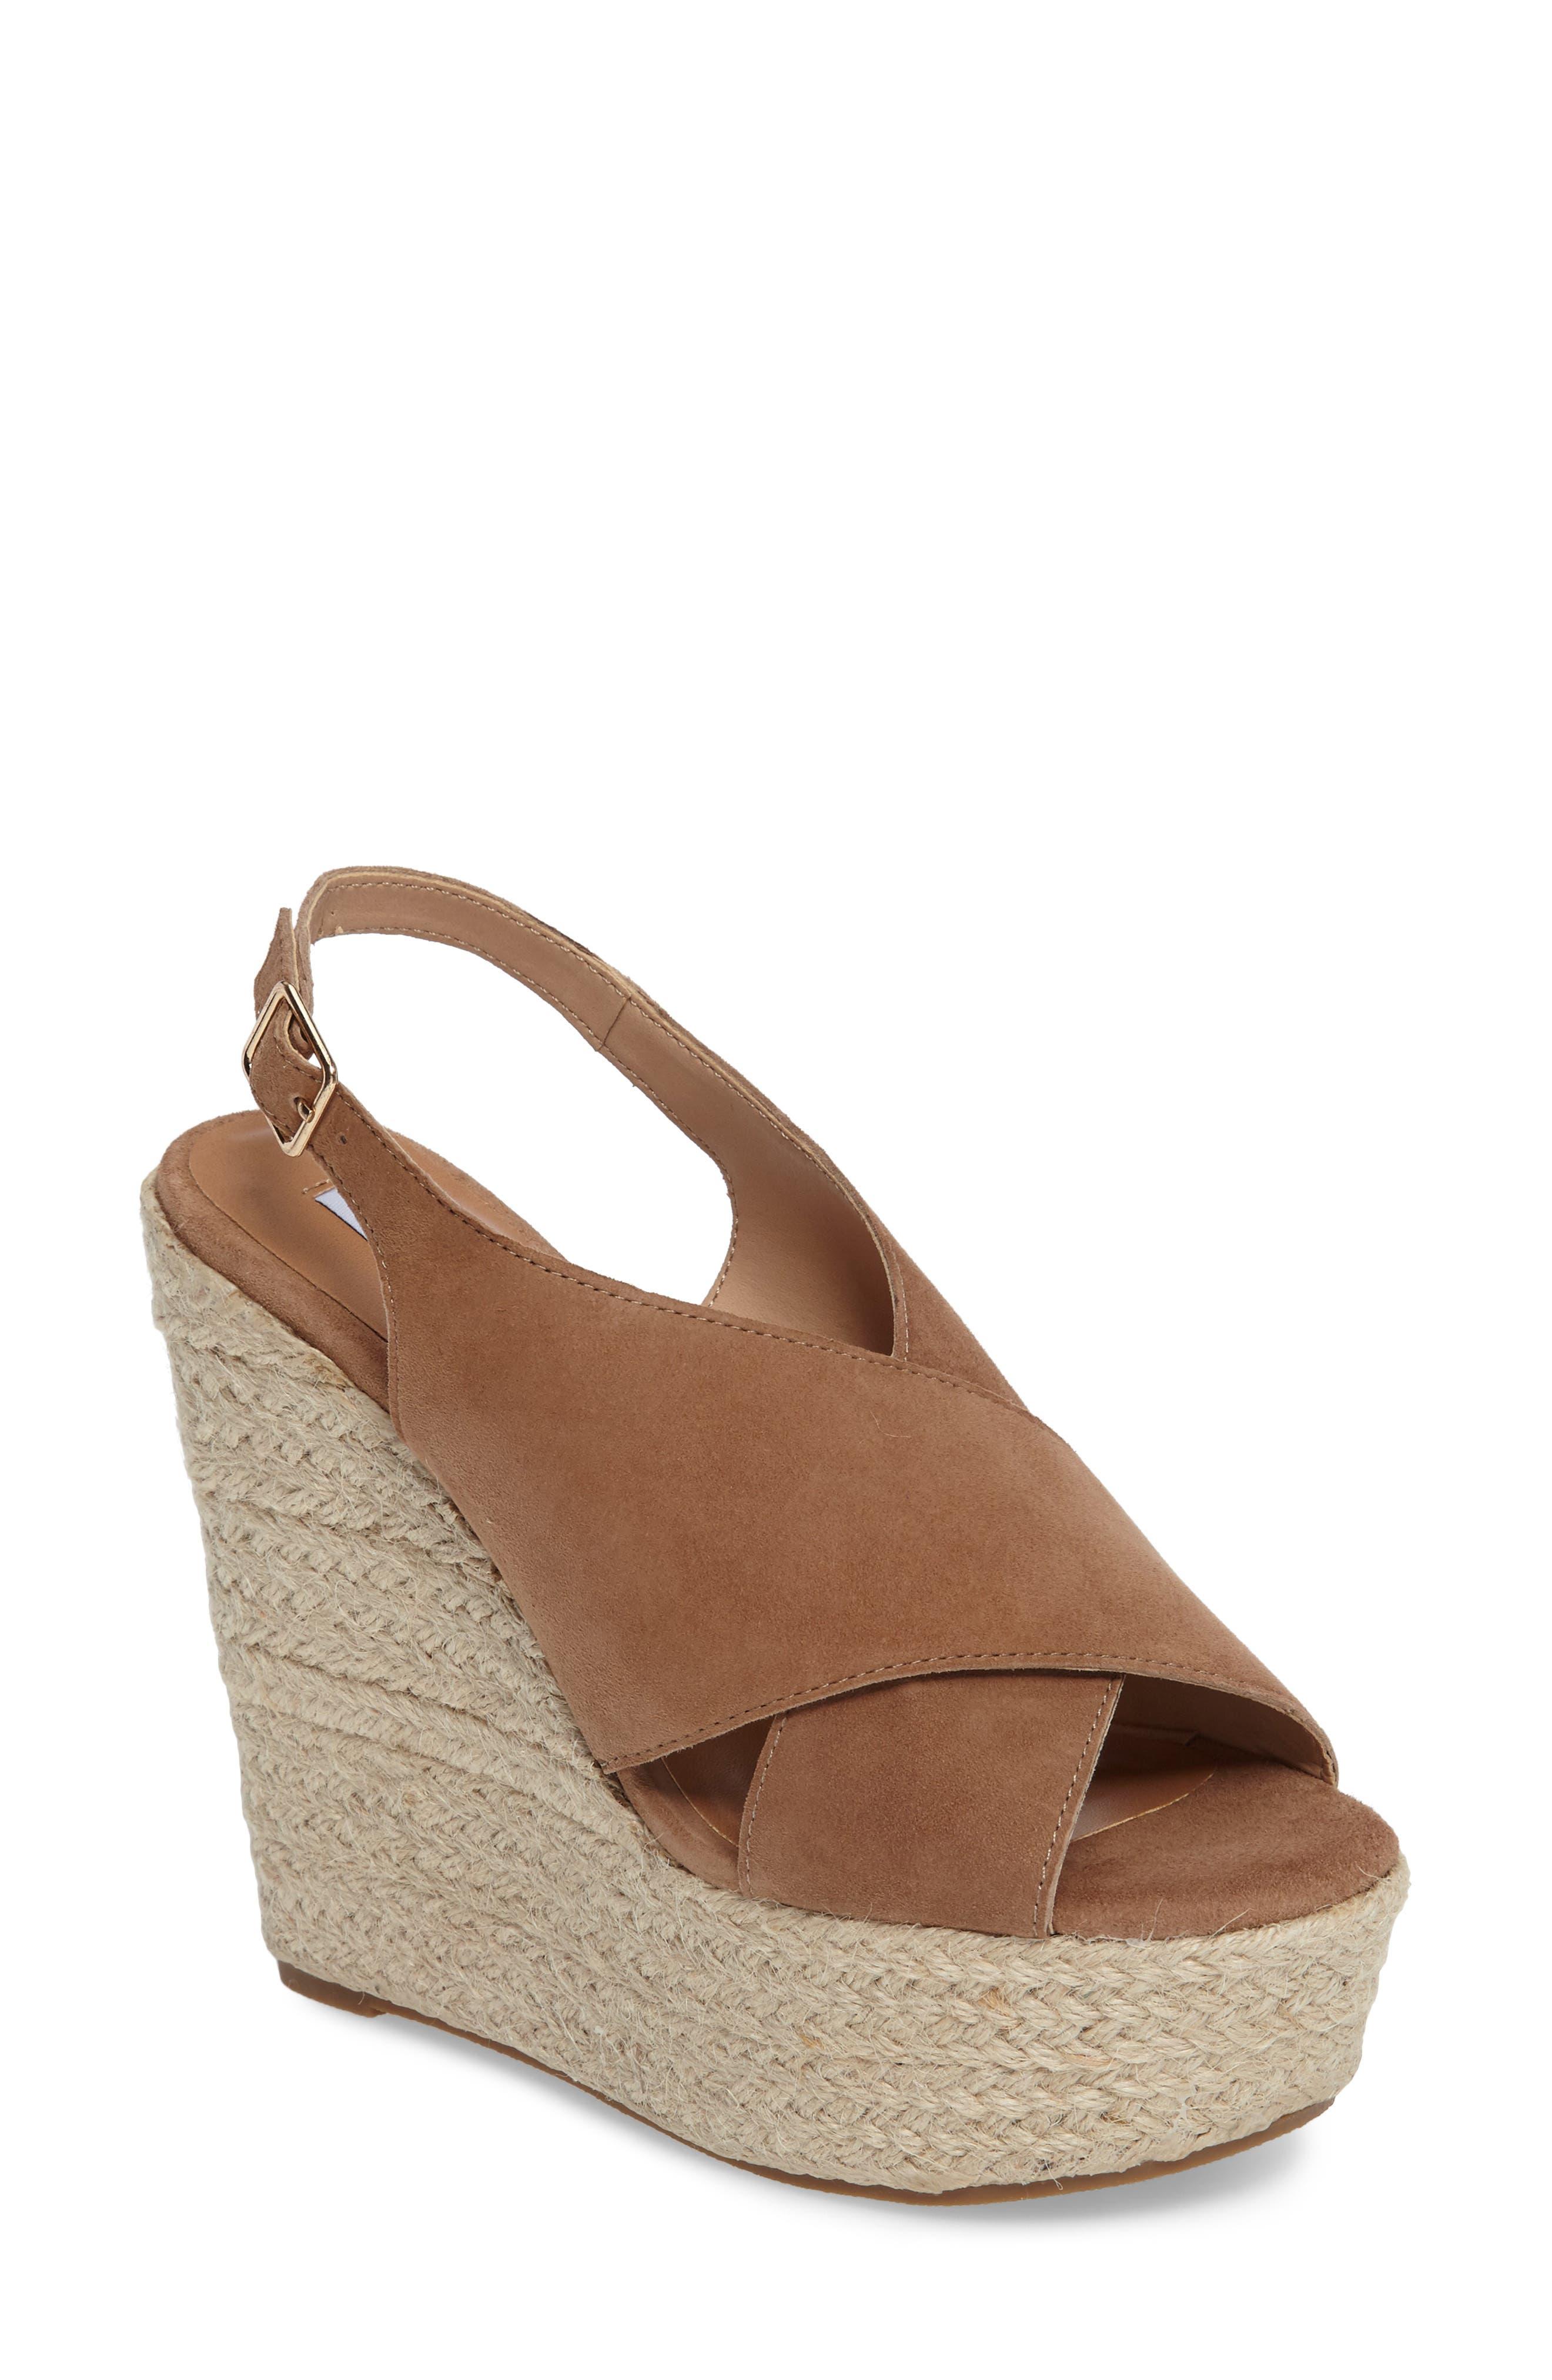 Steve Madden Rayla Platform Wedge Sandal (Women)